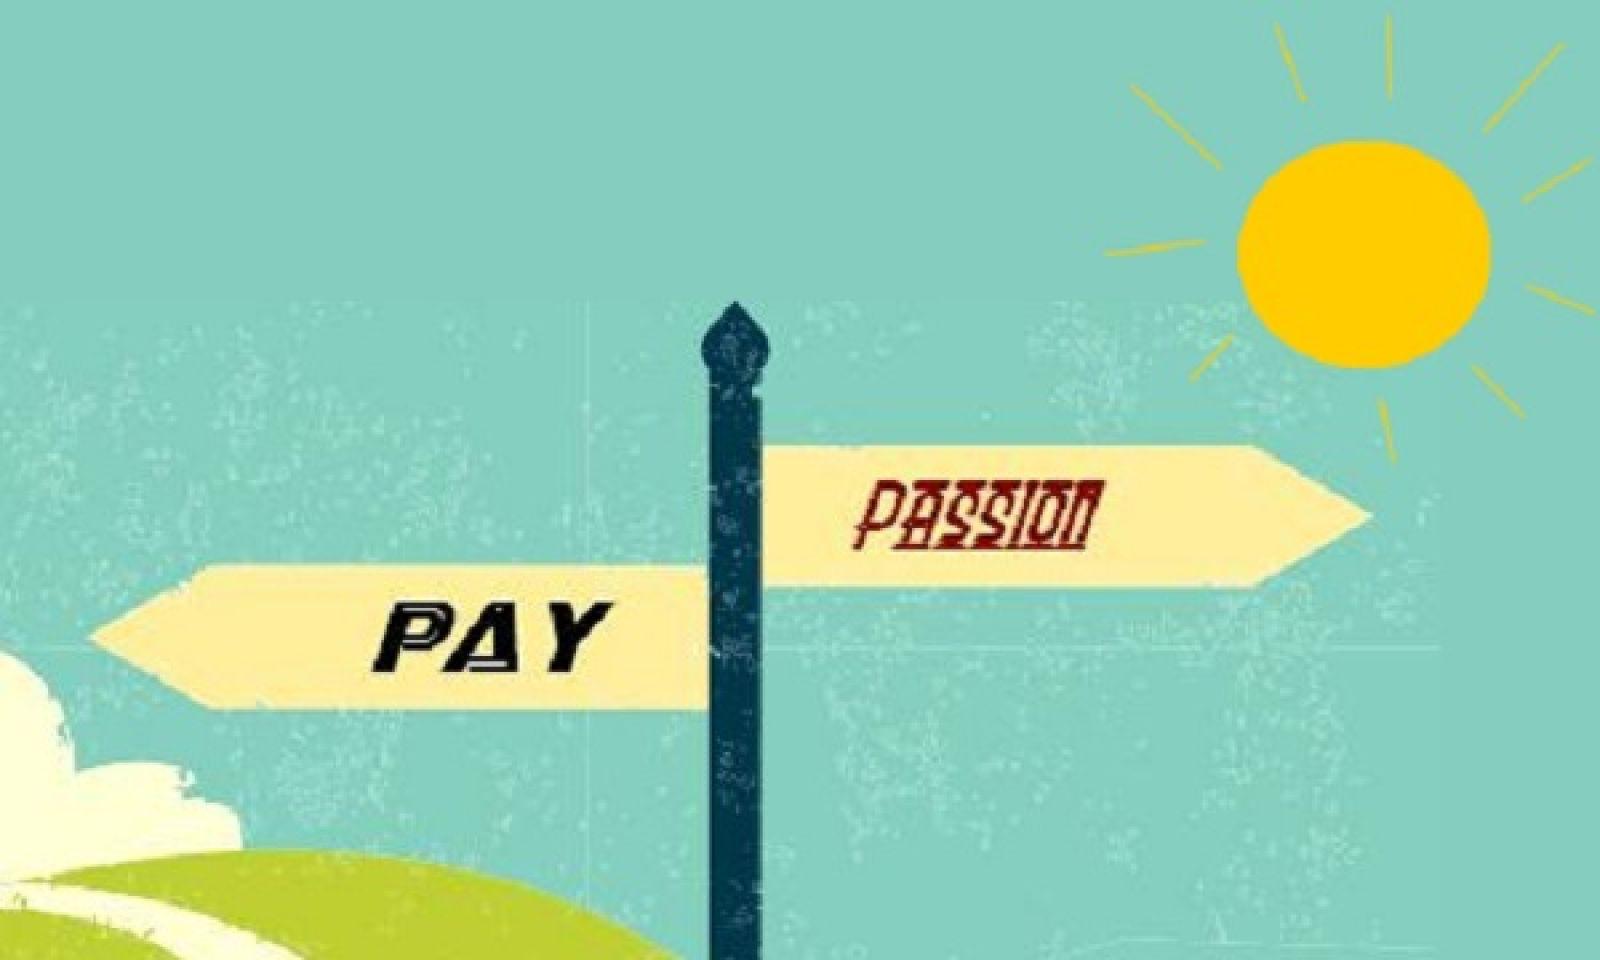 Tiền bạc và Đam mê: Điều gì quan trọng hơn? (Ảnh: Flickr)